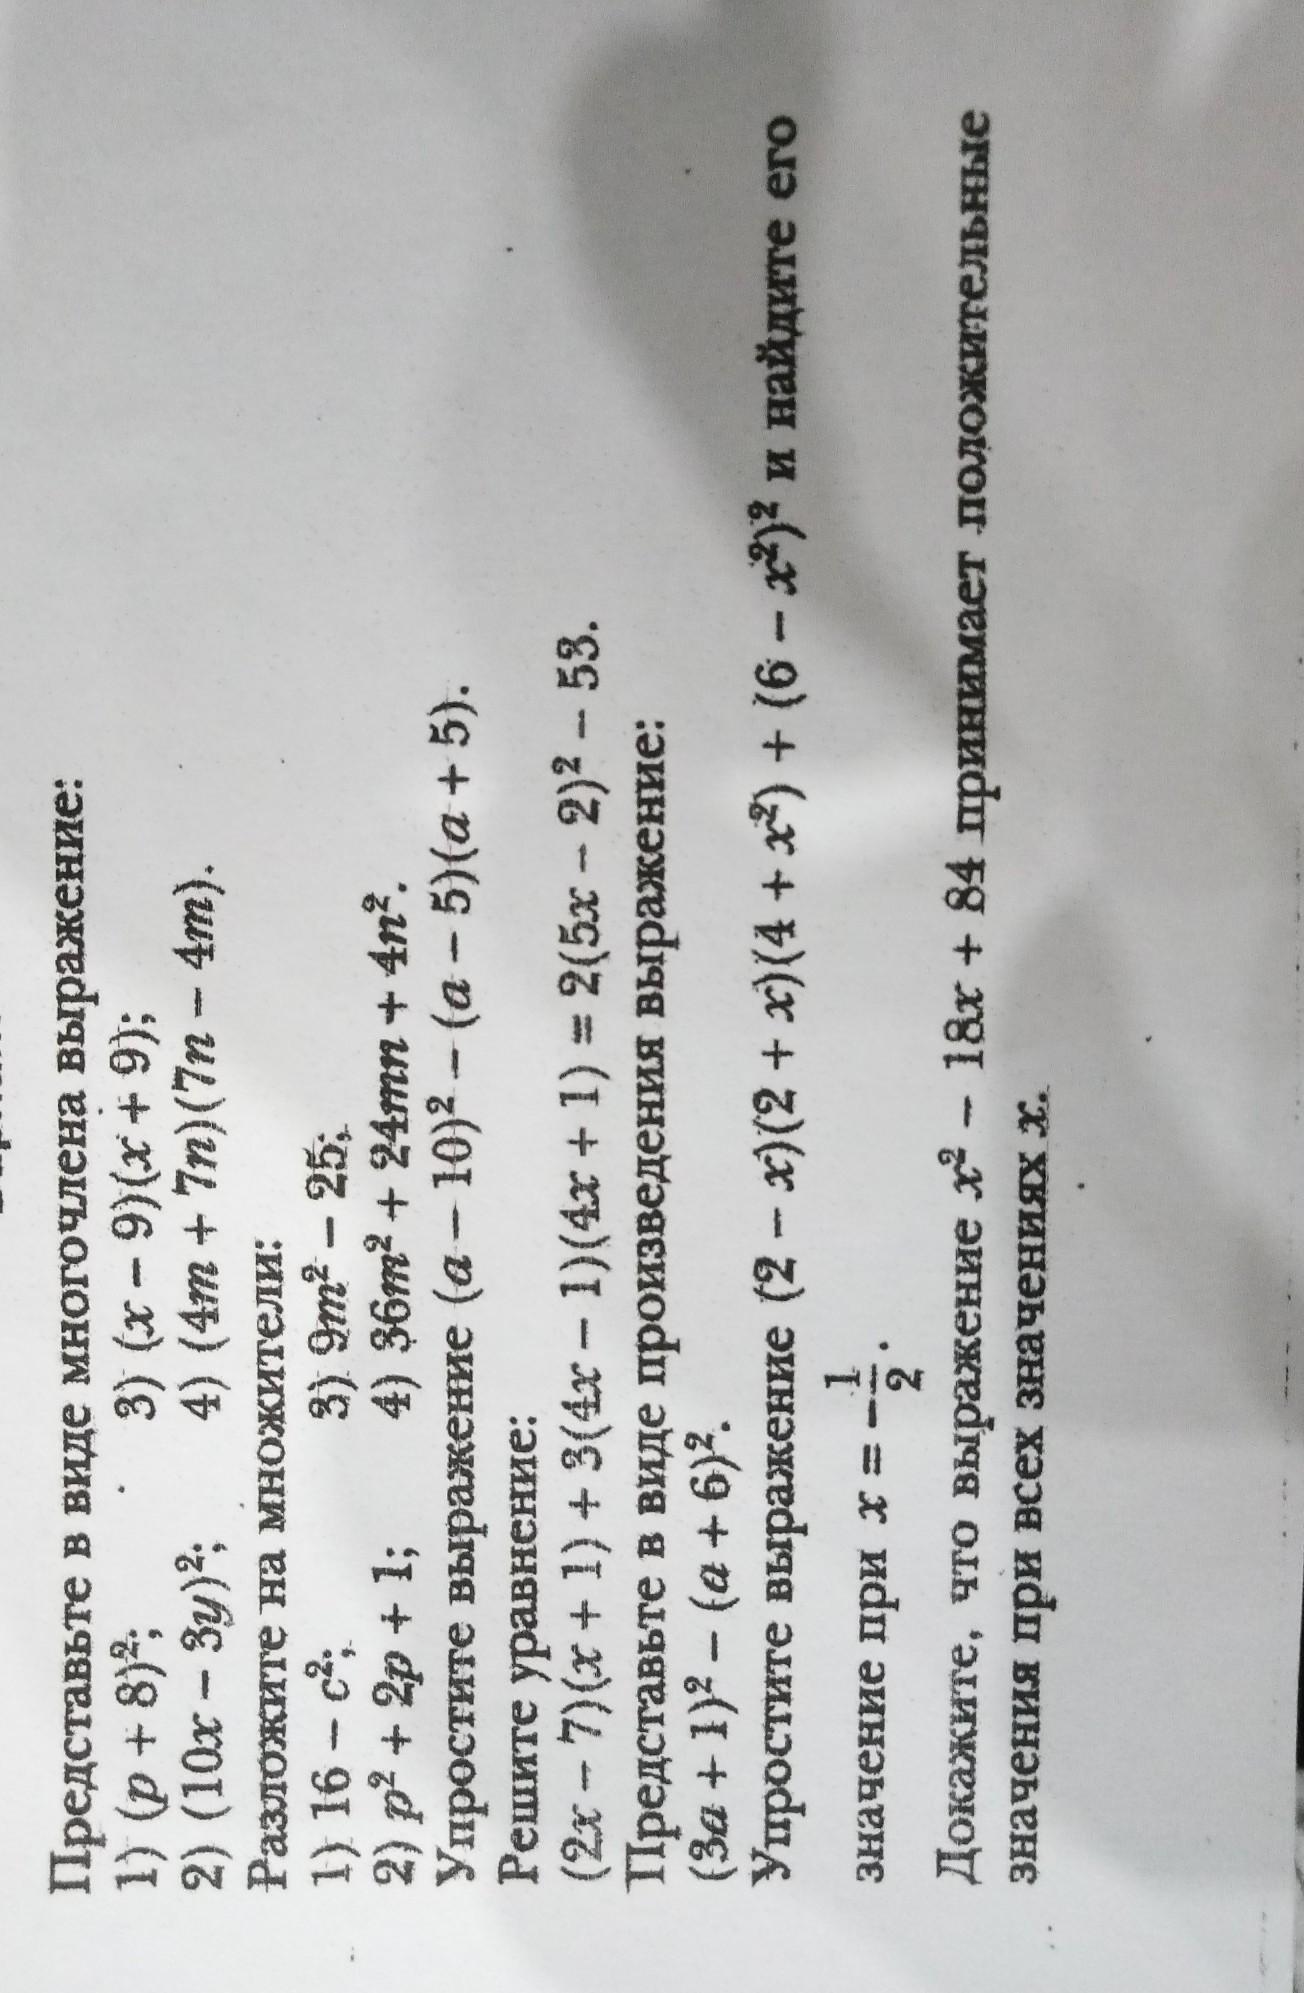 итоговый тест по алгебре 7 класс макарычев с ответами